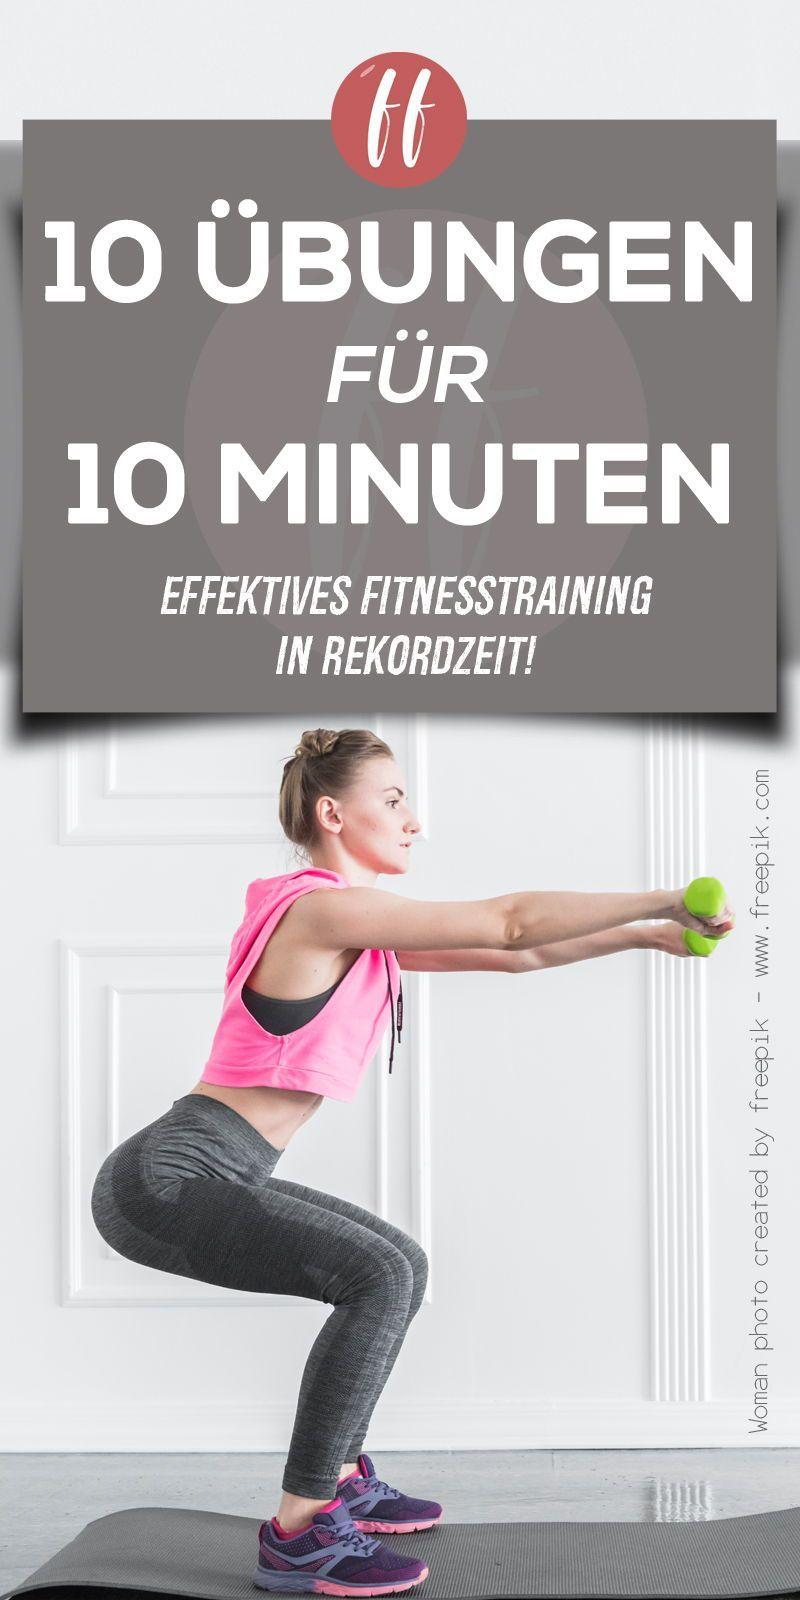 10 Fitnessübungen in 10 Minuten. Ein super effektives Training für einen kurzes Zeitraum. Wer wenig...